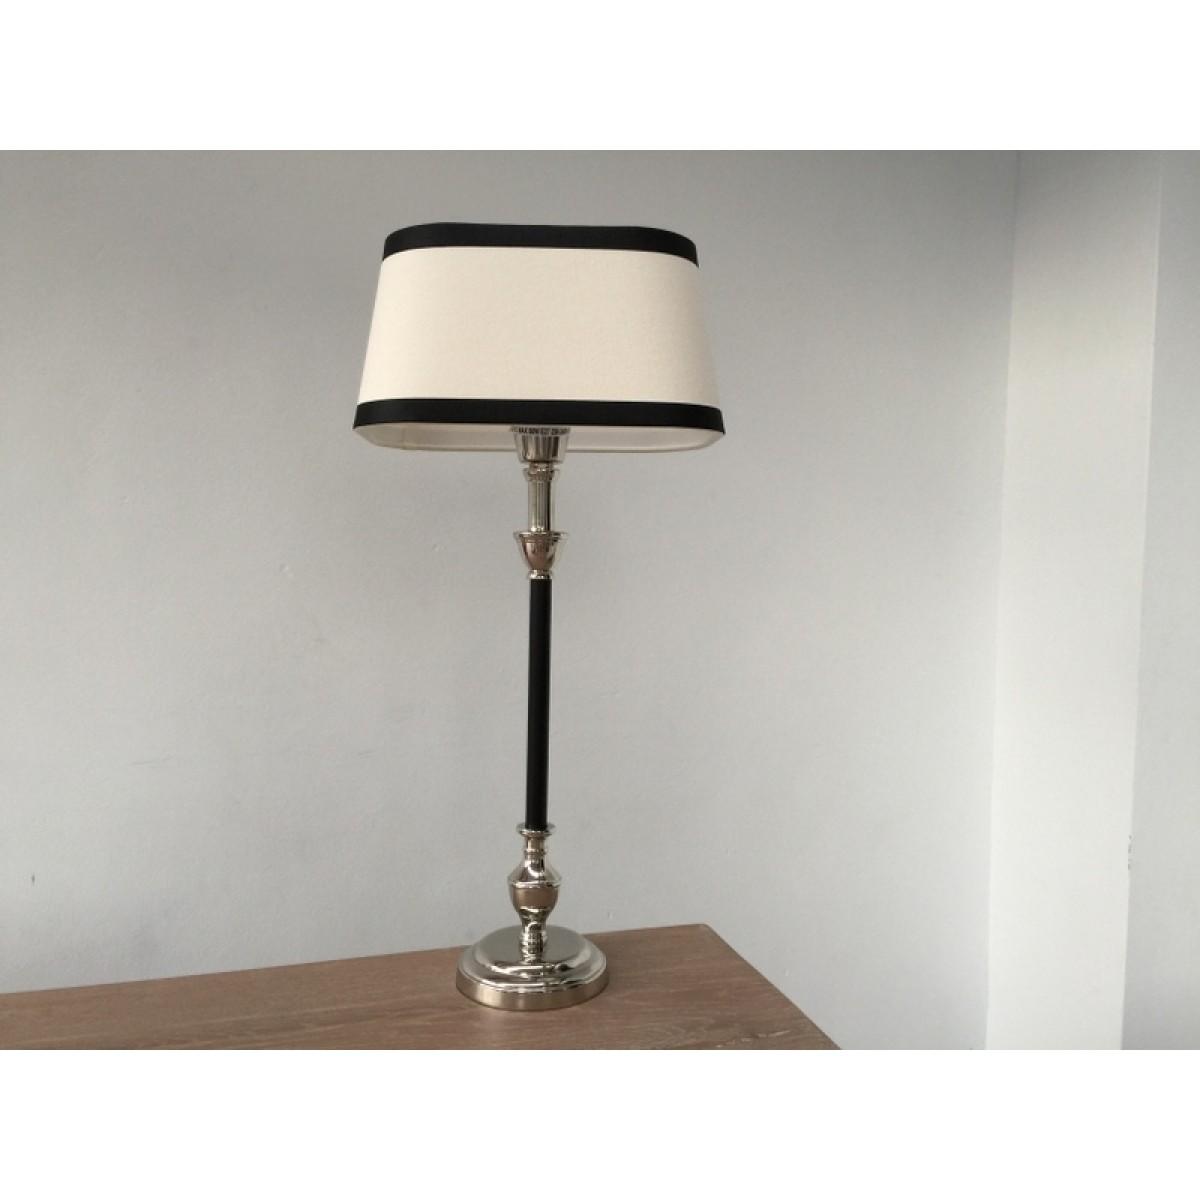 tischleuchte mit lampenschirm schwarz wei tischlampe schwarz verchromt h he 53 cm. Black Bedroom Furniture Sets. Home Design Ideas